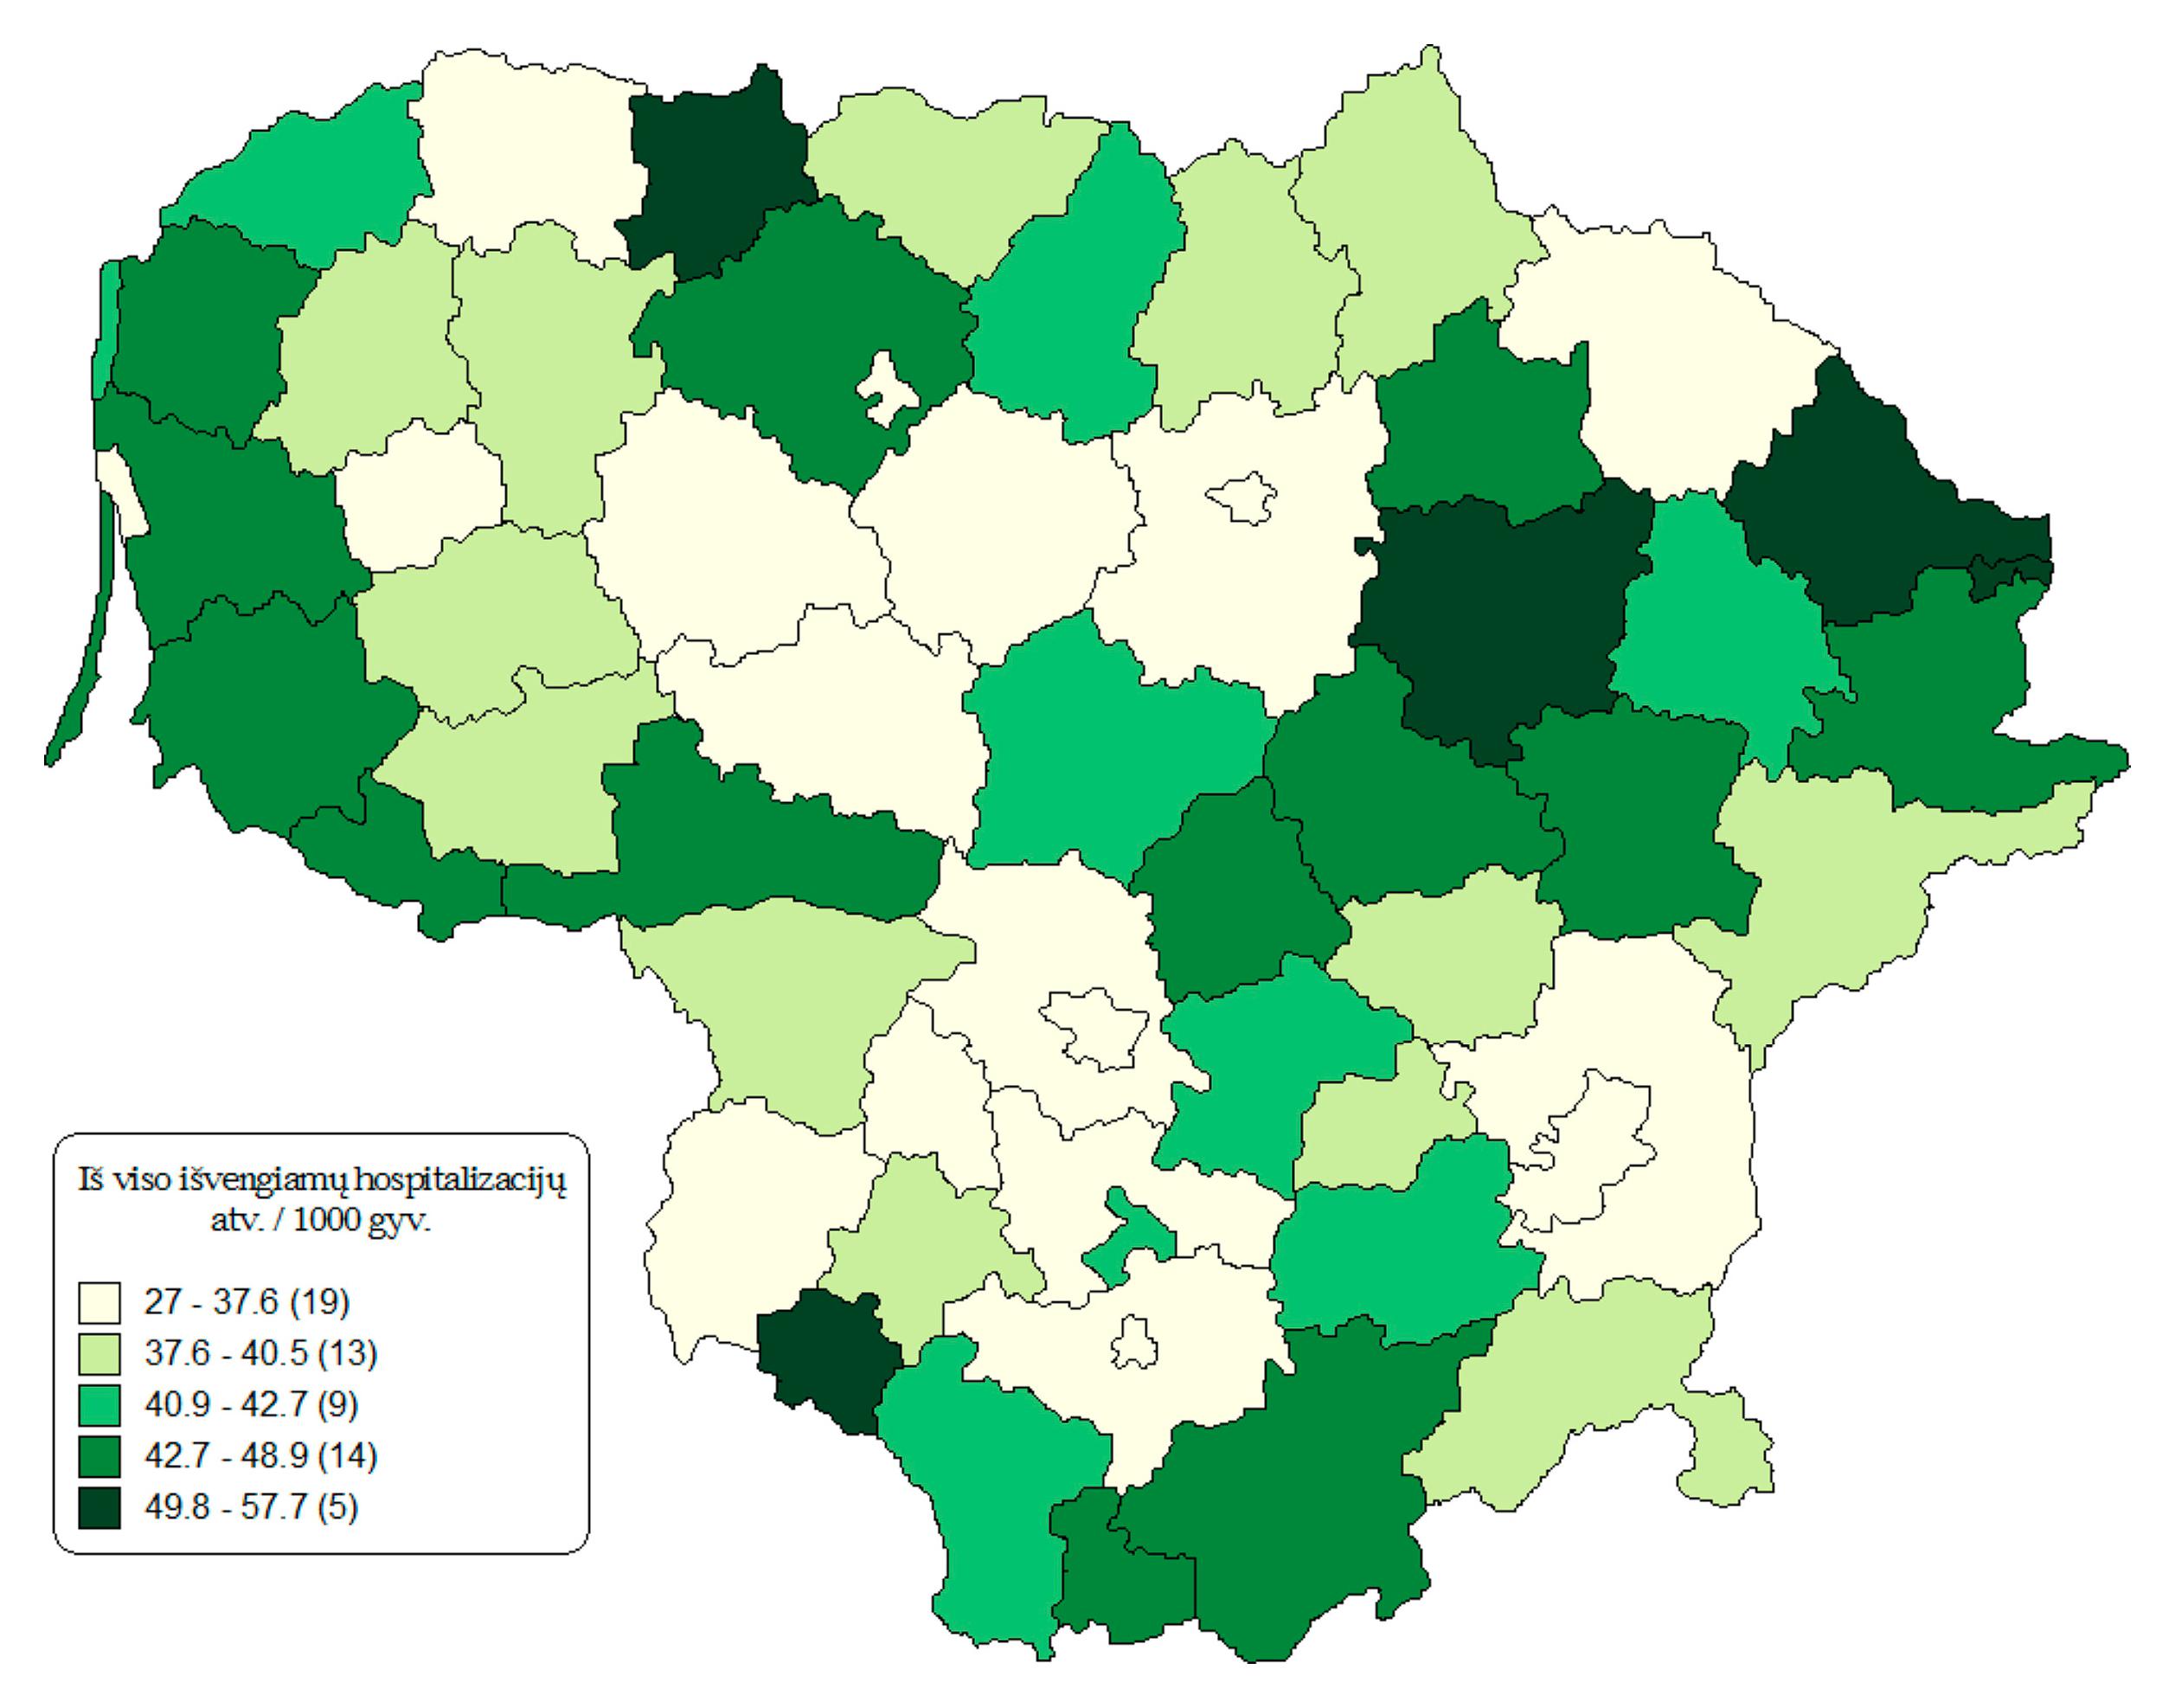 2 pav. IH skaičius, tenkantis 1000 gyv., Lietuvos savivaldybėse 2012 m.